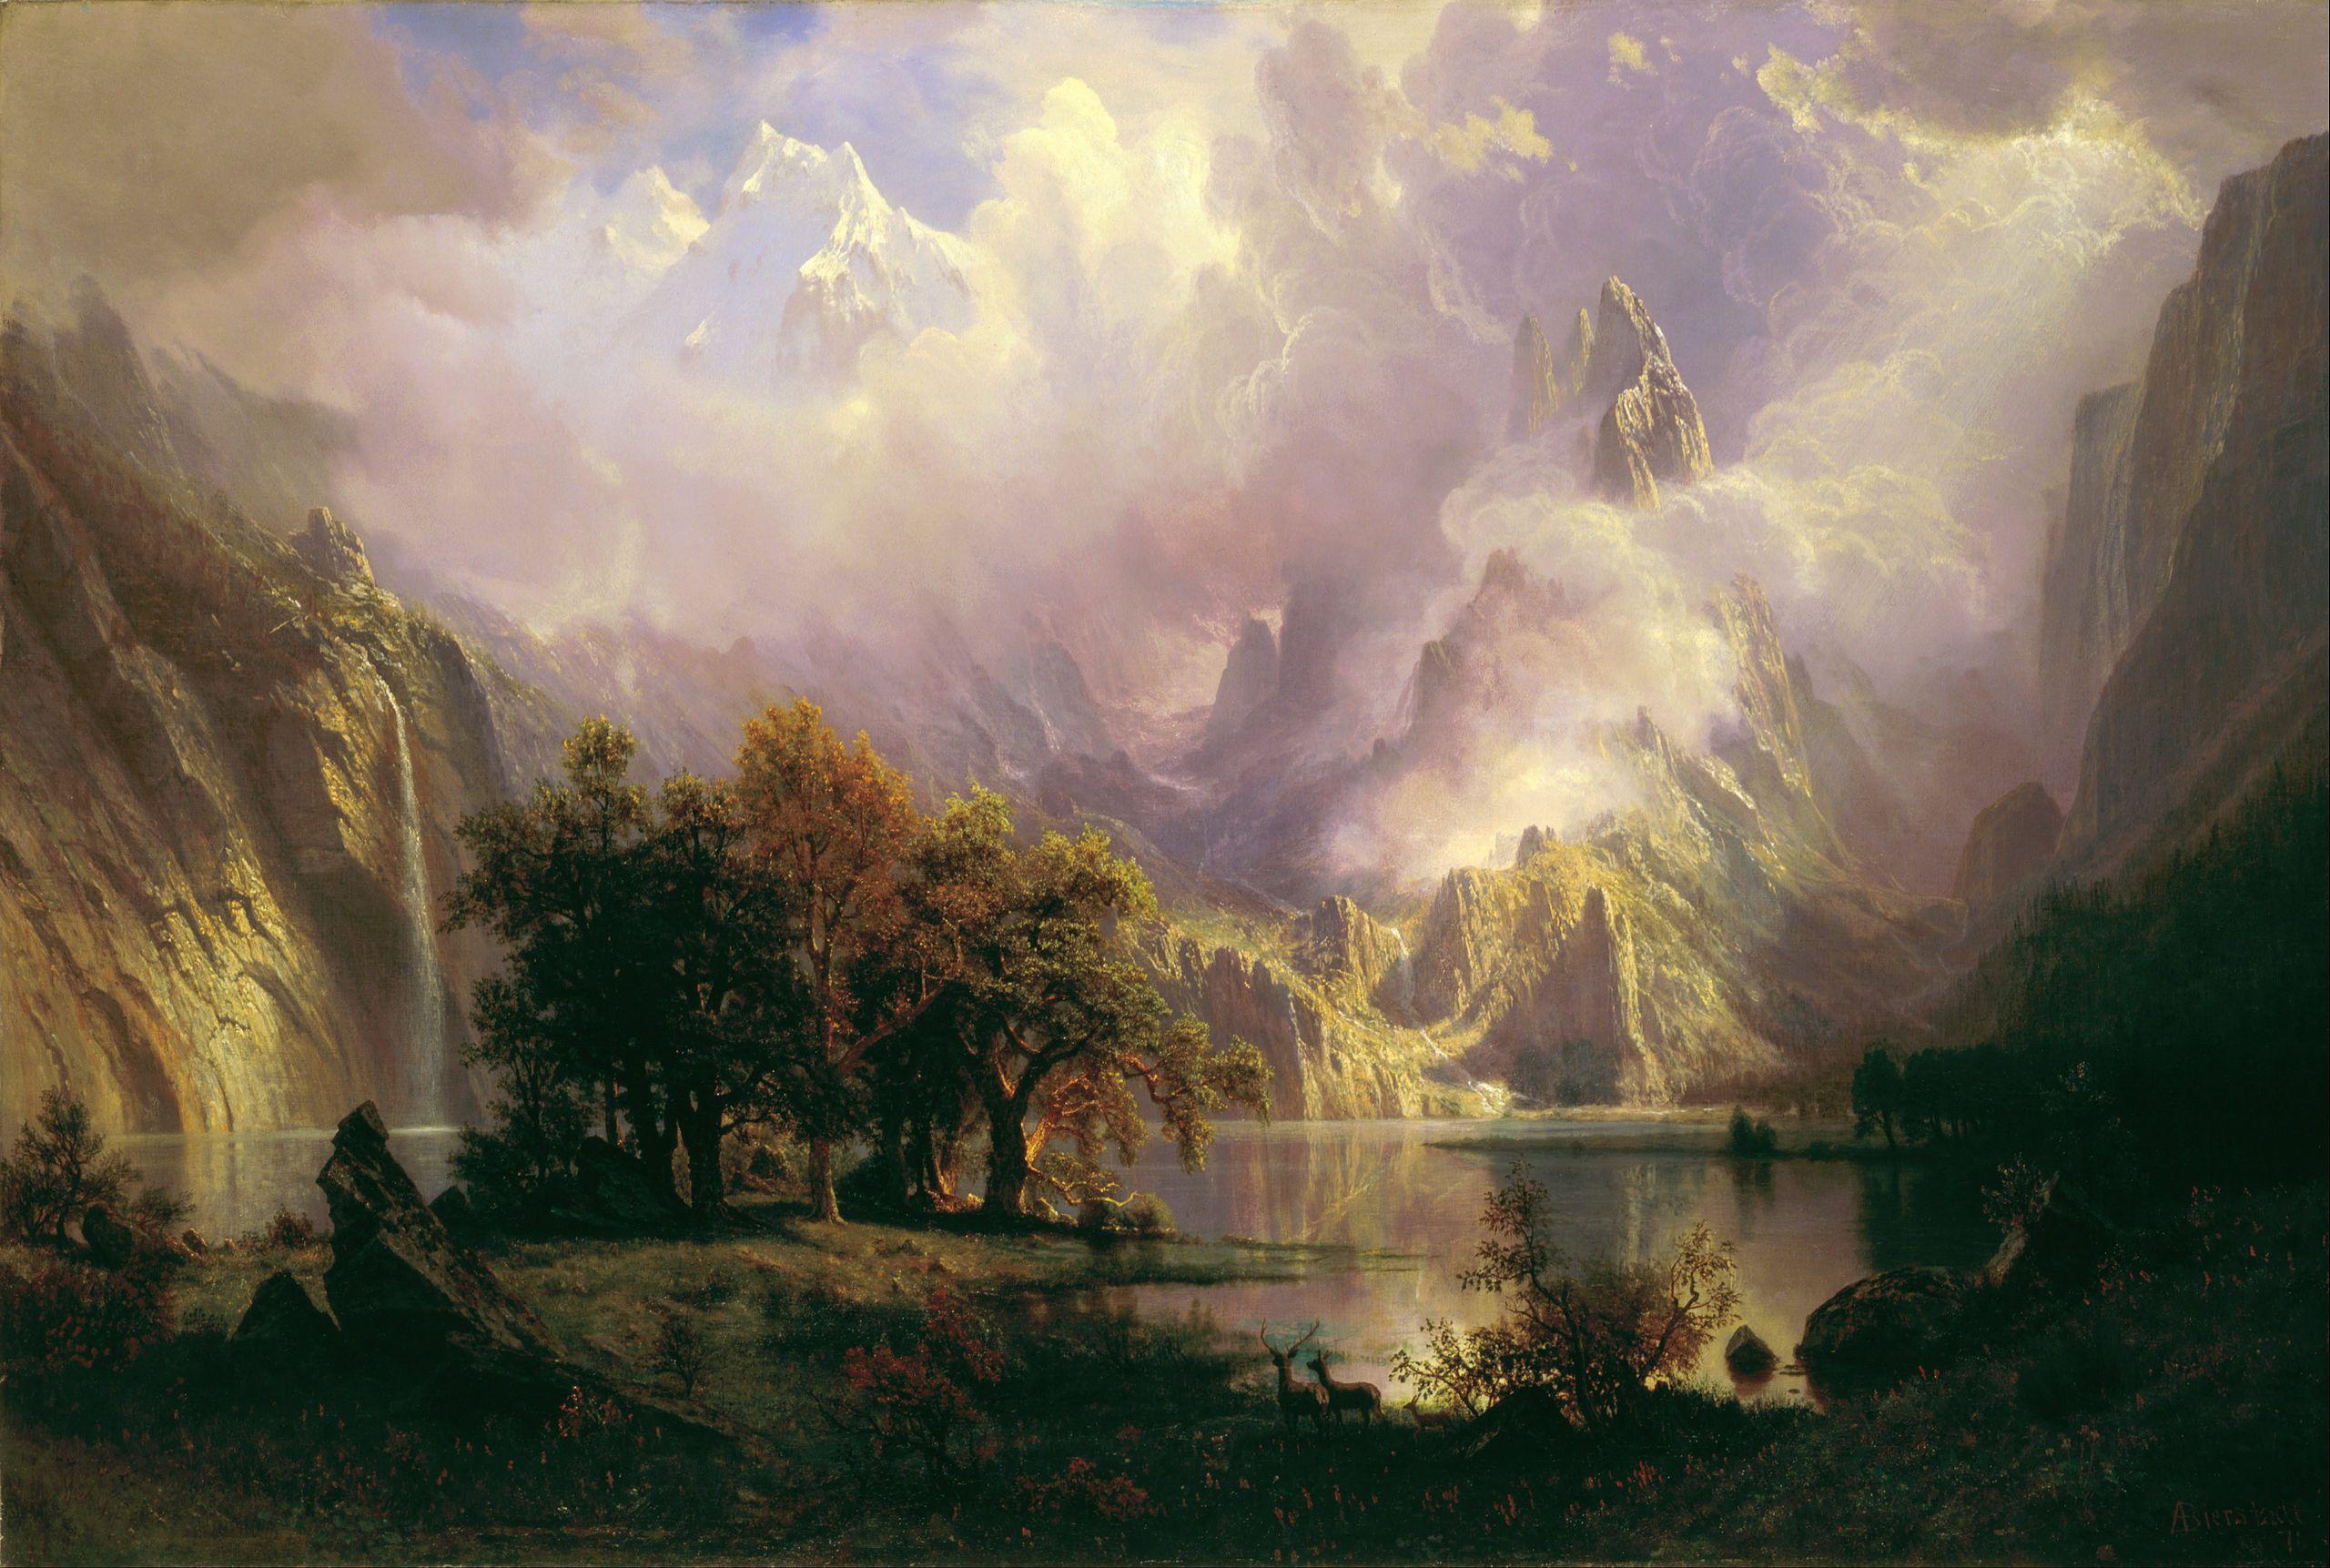 Albert Bierstadt - Rocky Mountain Landscape - Google Art Project - Albert Bierstadt - Wikipedia, the free encyclopedia